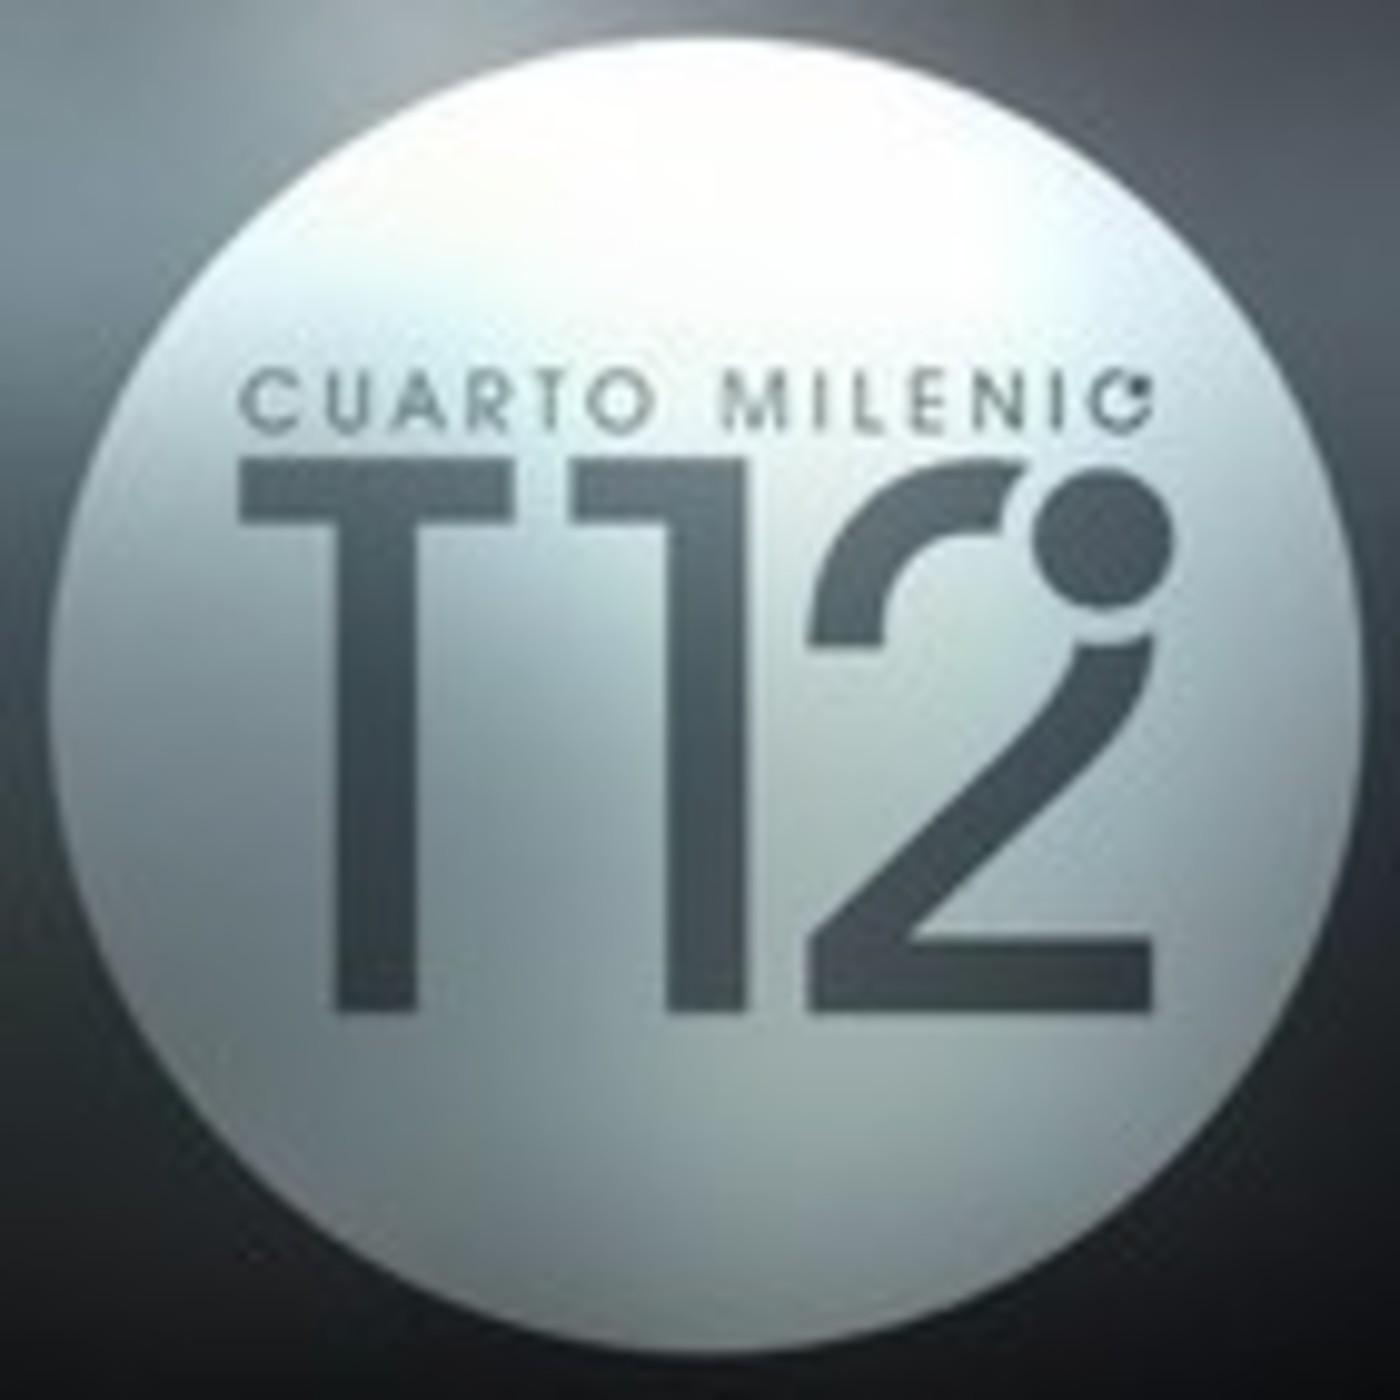 Cuarto milenio (16/4/2017) 12x33: Casas malditas,hoy • El enigma del ...